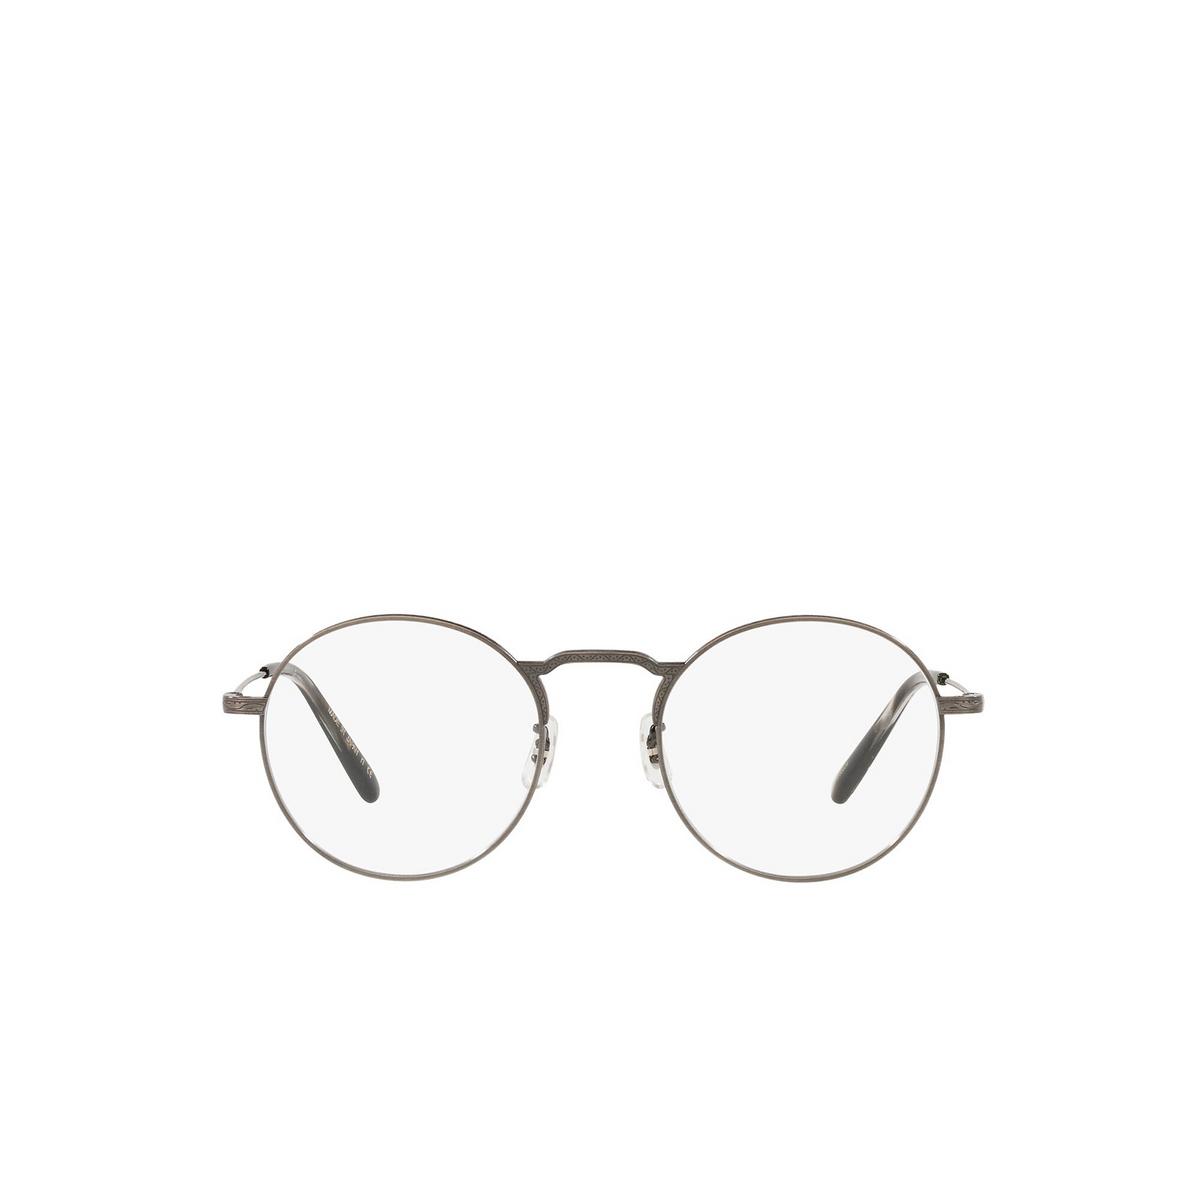 Oliver Peoples® Round Eyeglasses: Weslie OV1282T color Antique Pewter 5289 - front view.